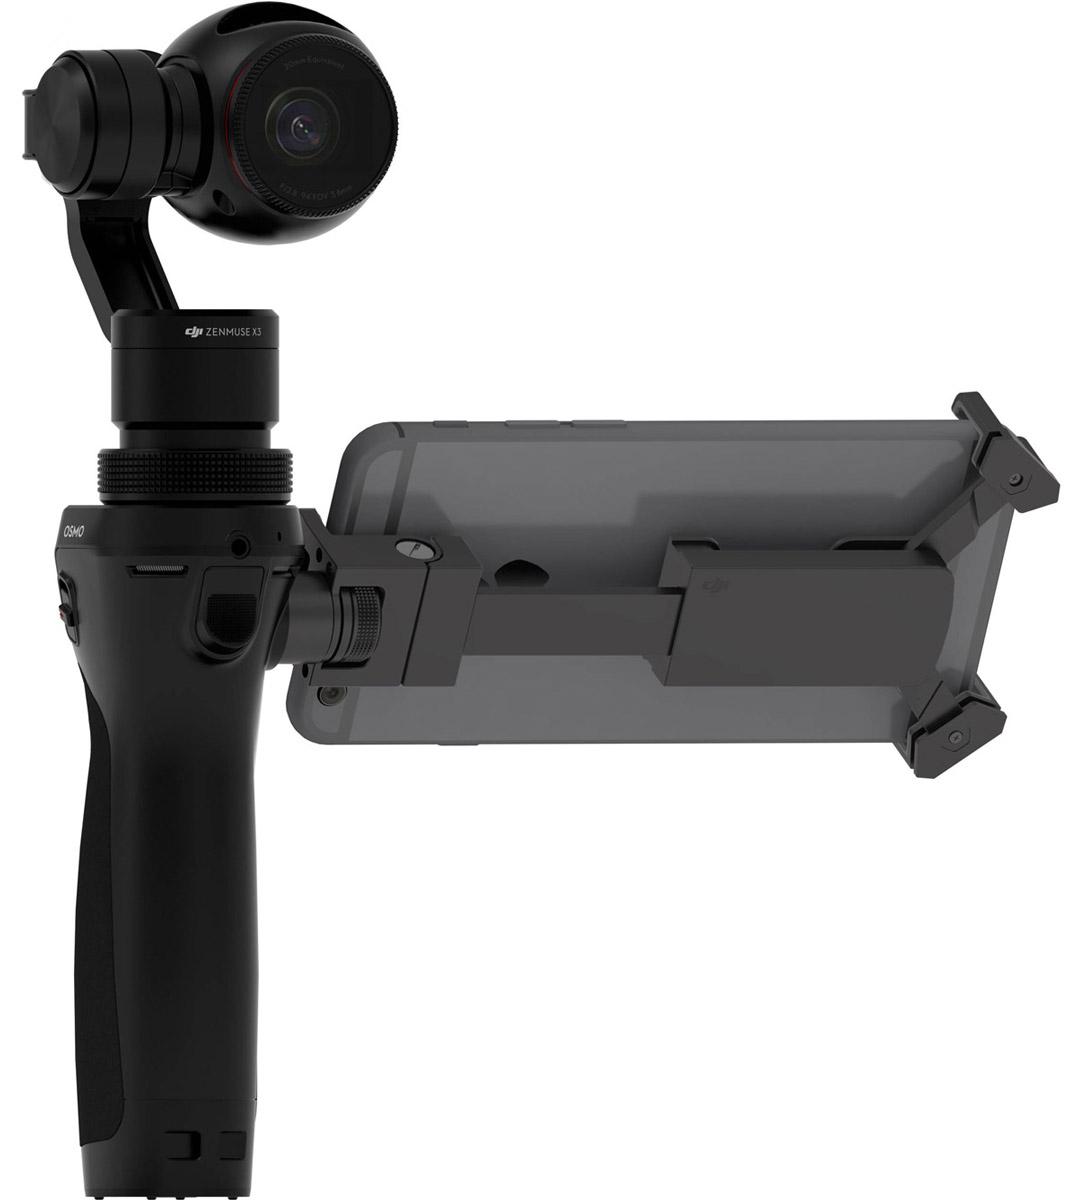 DJI OSMO X3 экшн-камера